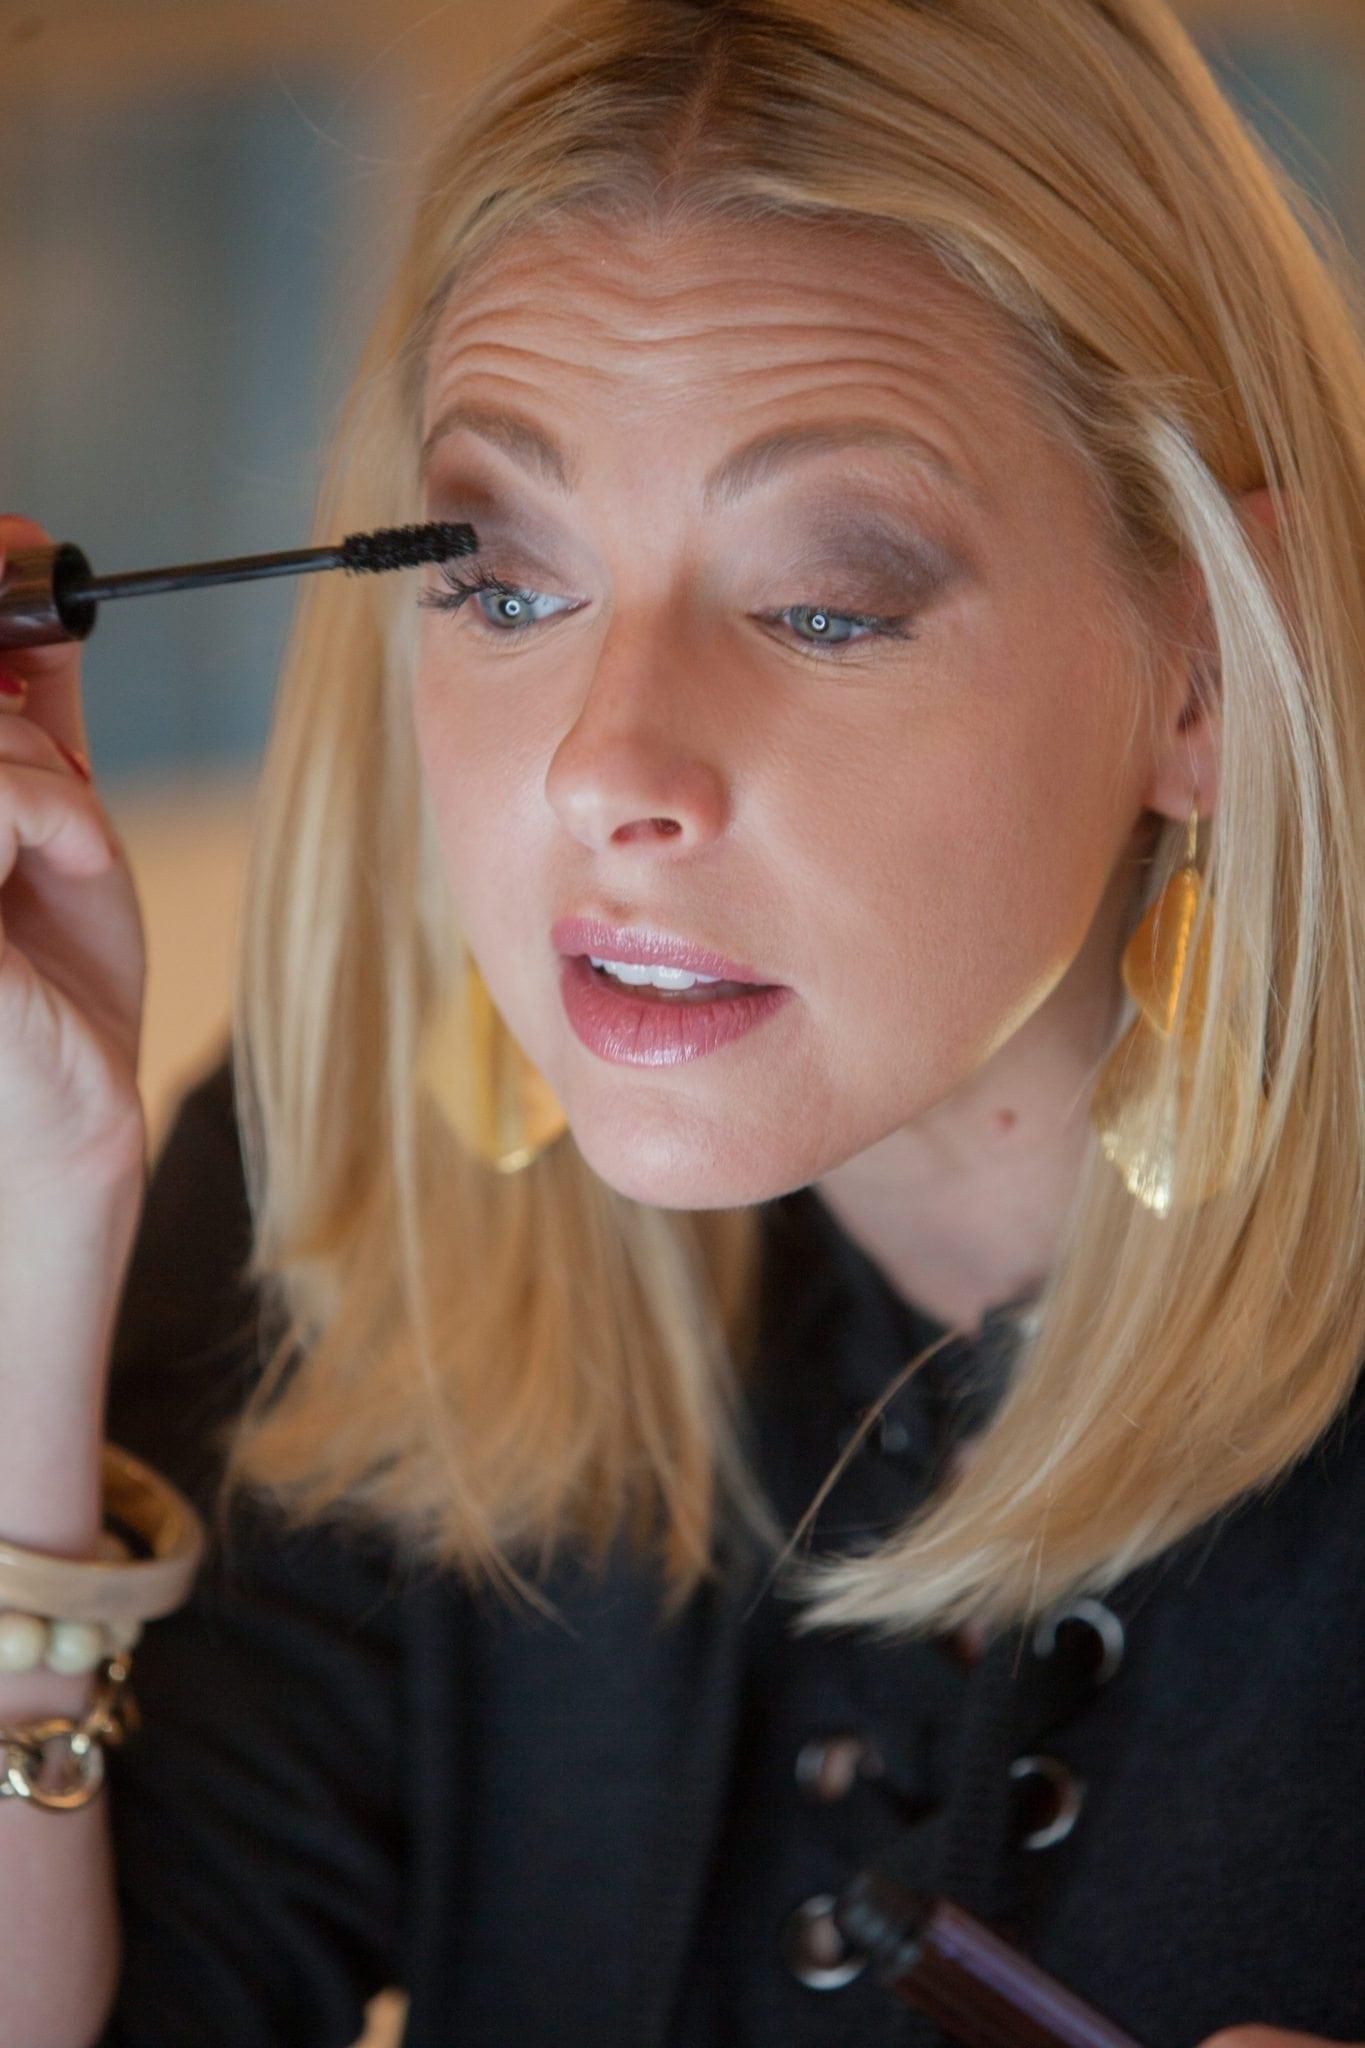 Natural looking mascara and how to get bigger eyelashes without using false eyelashes.